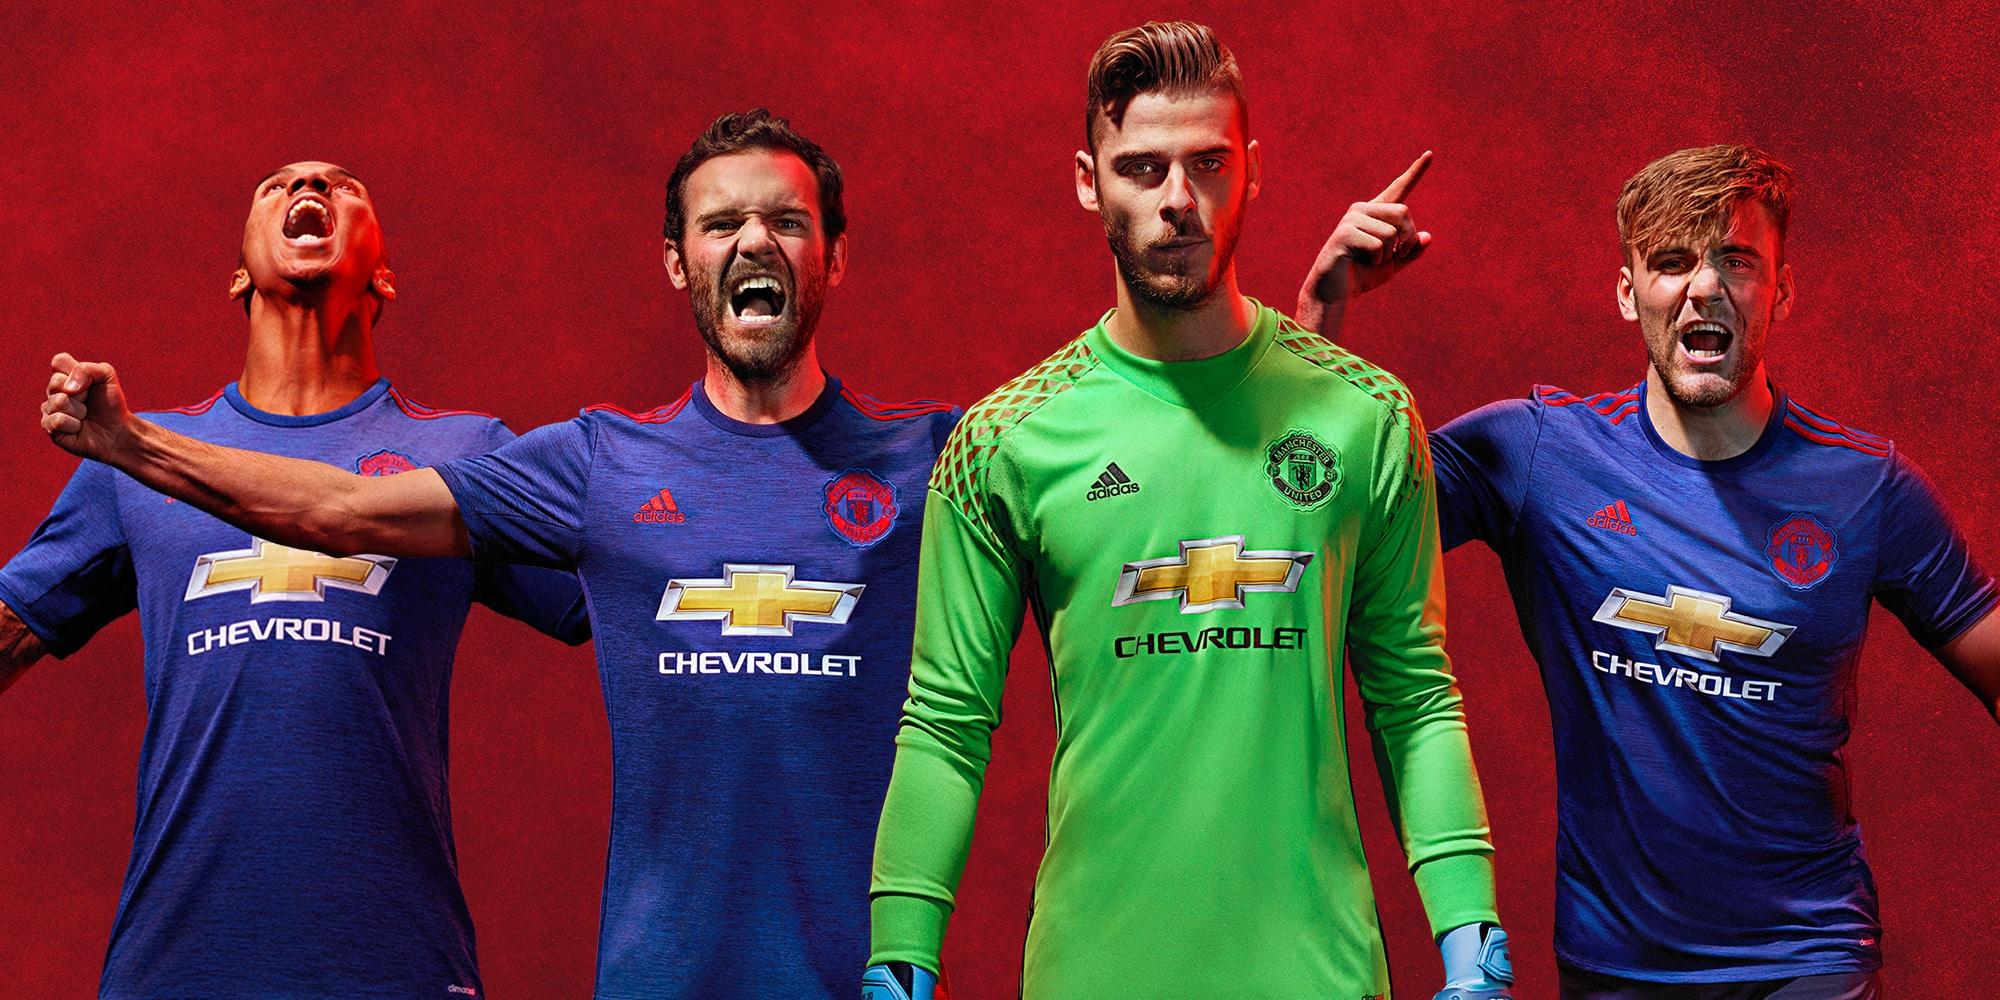 Adidas pr sente le maillot ext rieur 2016 2017 de for Manchester united exterieur 2017